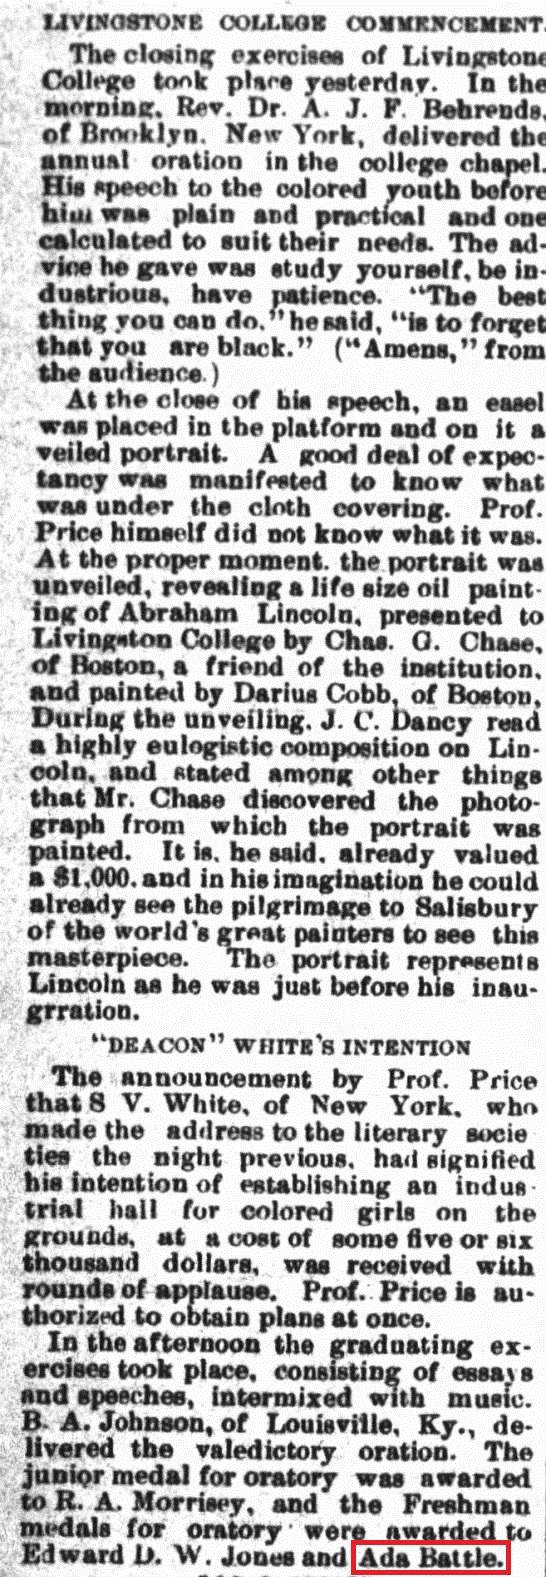 Charlotte Observer 5 30 1890